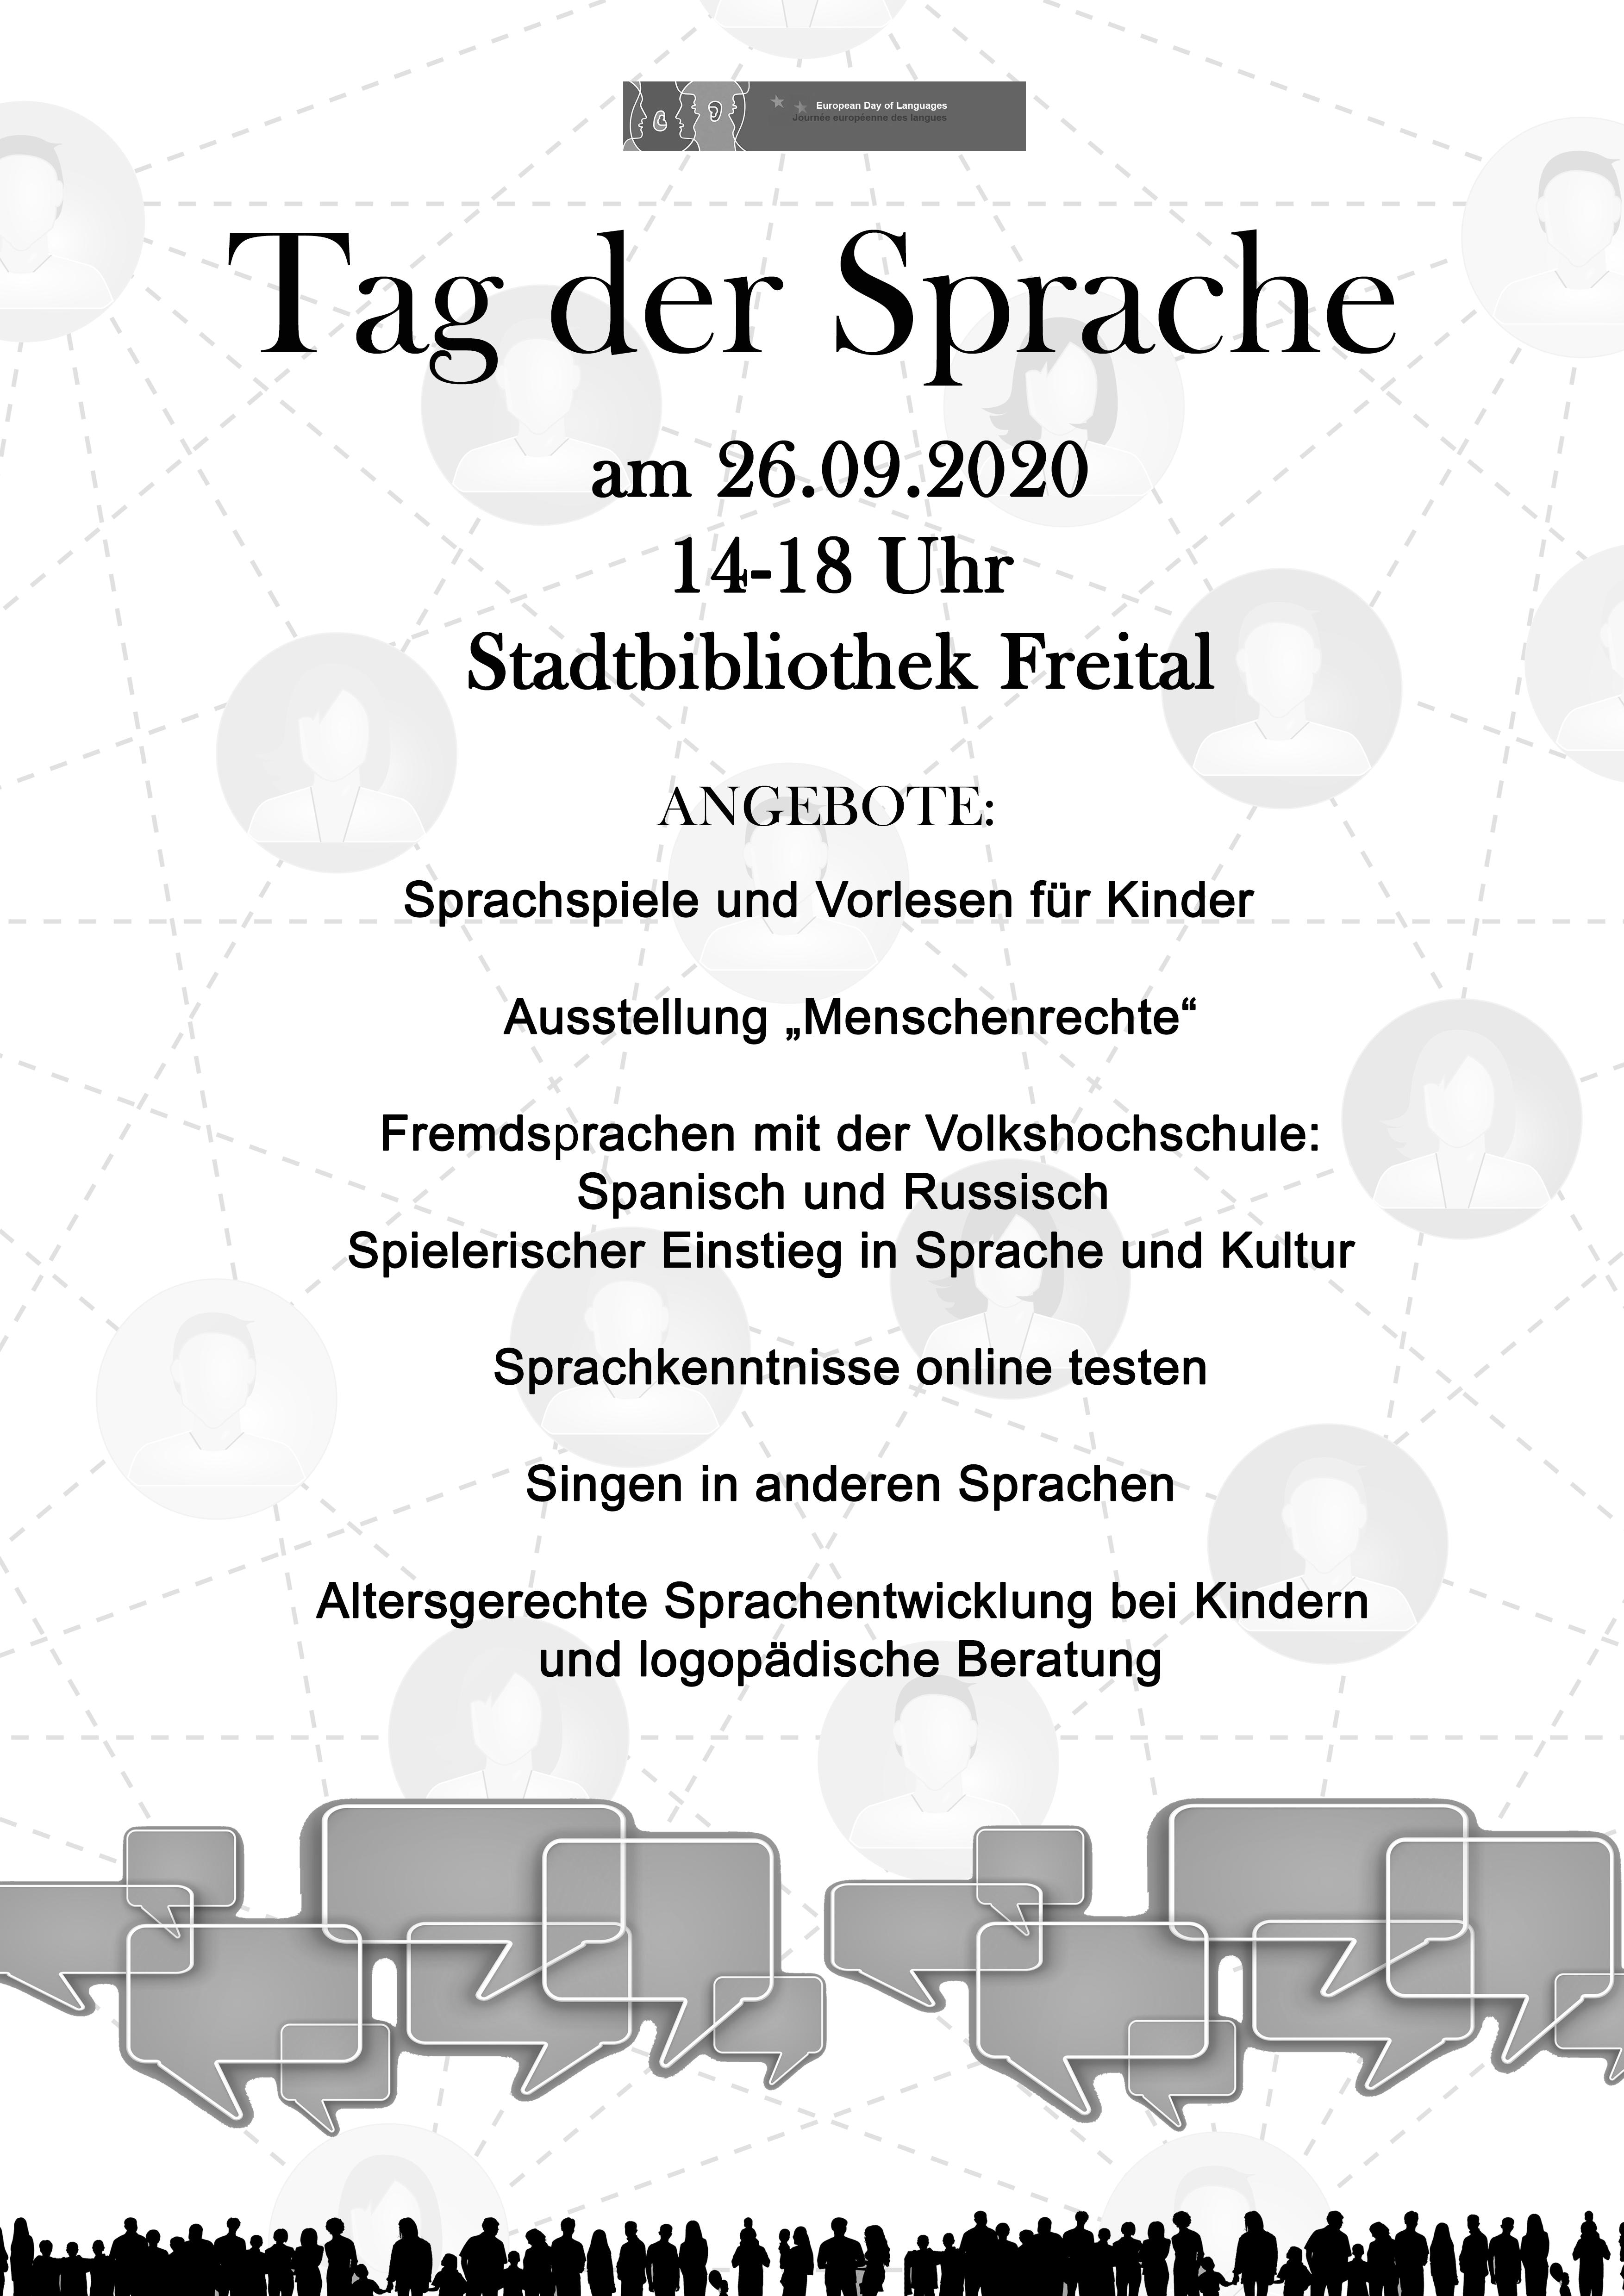 https://freital.bbopac.de/public/img/37/Tag%20der%20Sprache%202020%20-%20finale%20Version.png